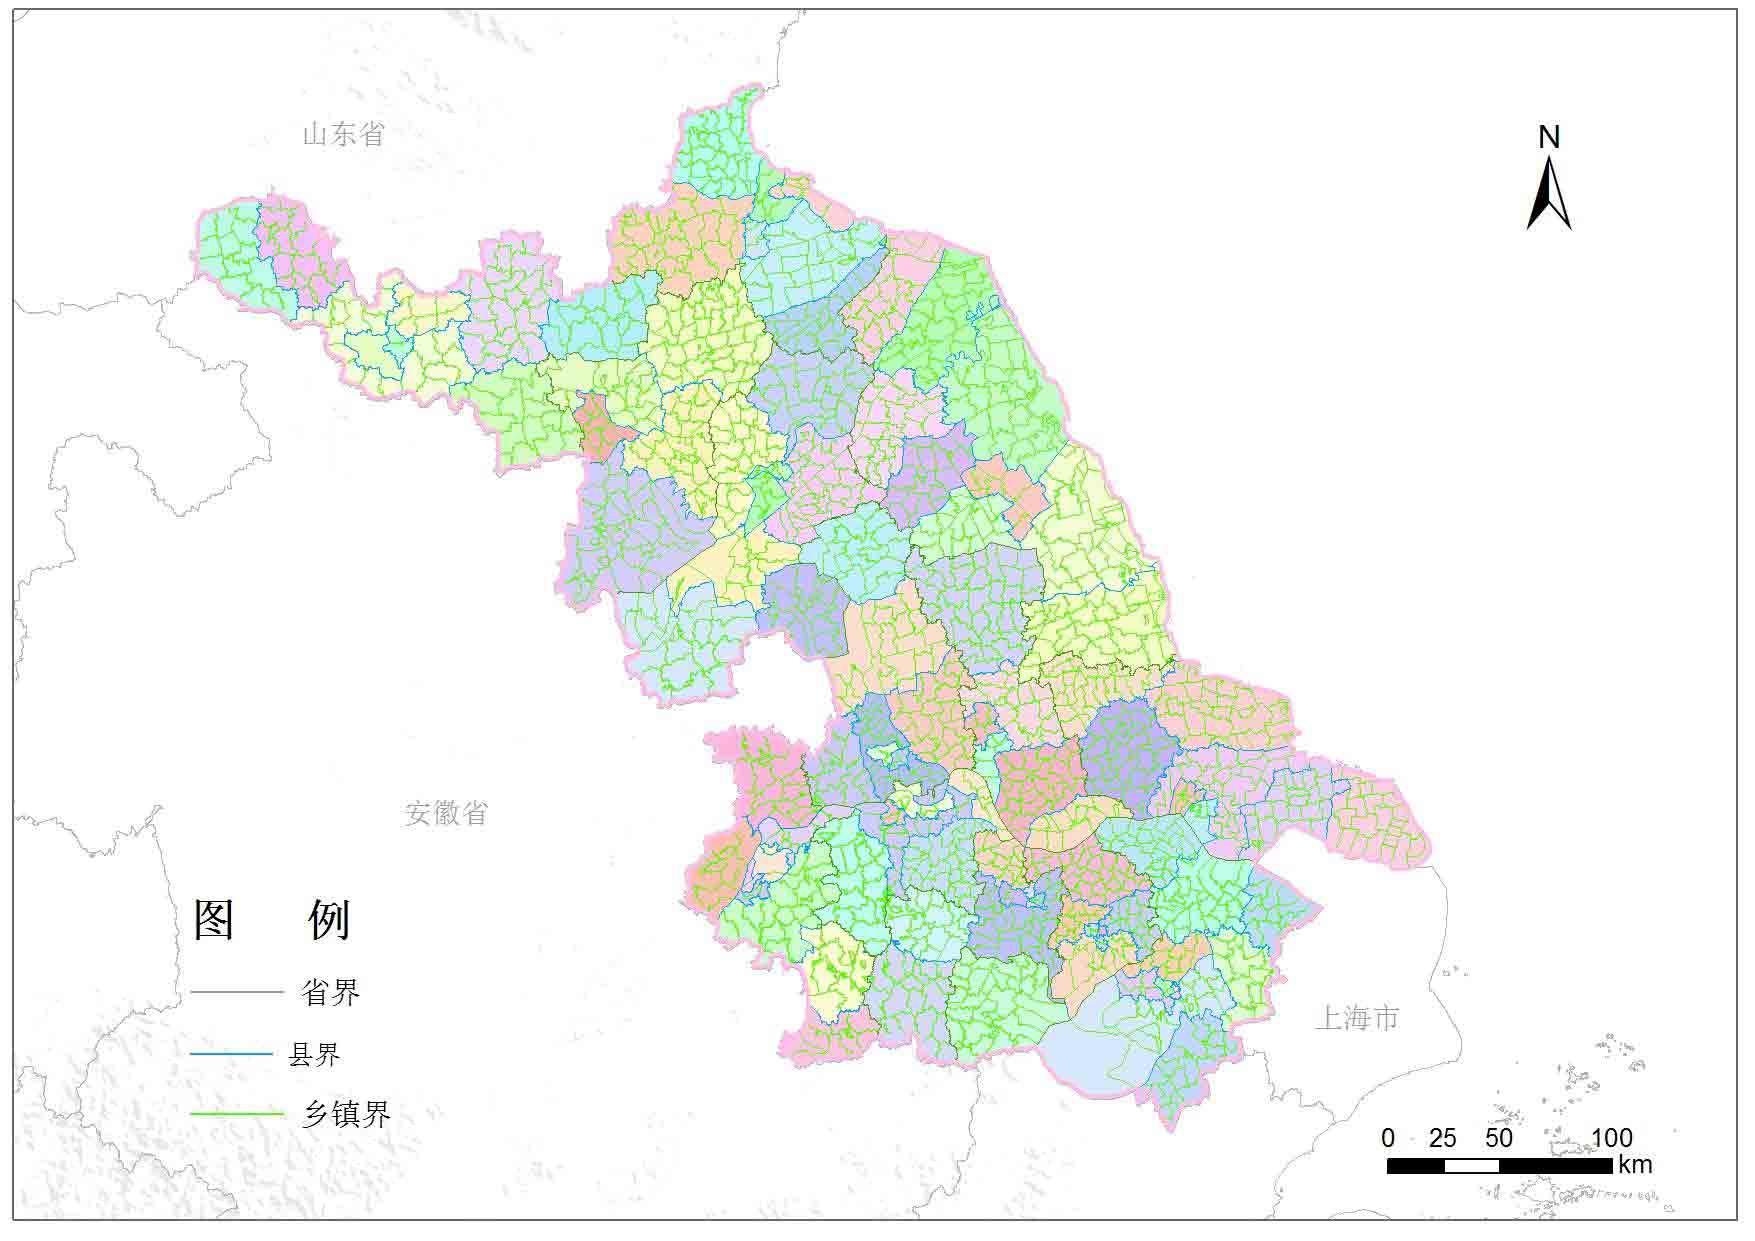 江苏省乡镇行政区划-地图数据-地理国情监测云平台